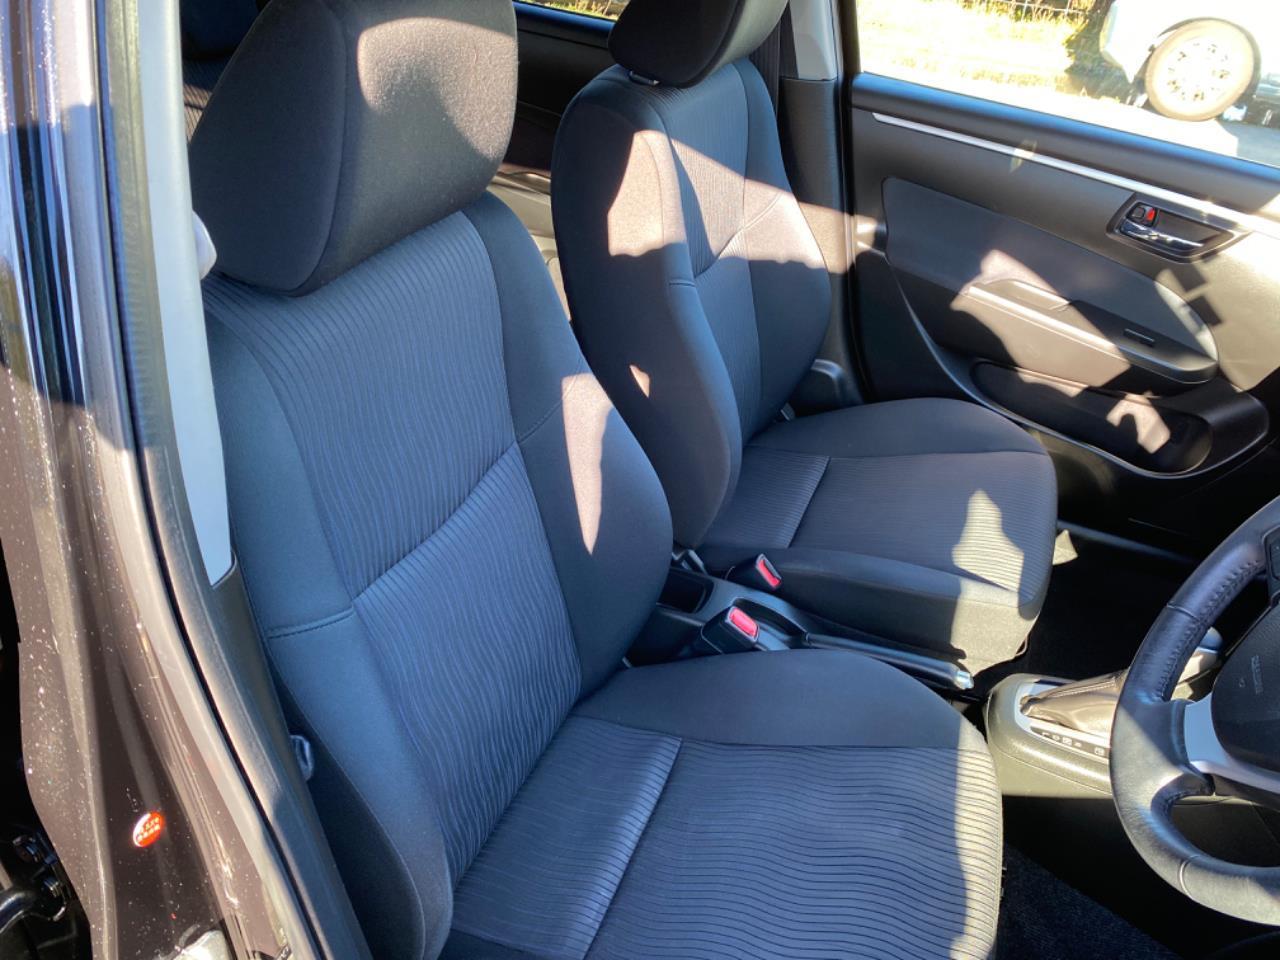 image-8, 2010 Suzuki Swift 1.2lt XL Hatchback at Christchurch